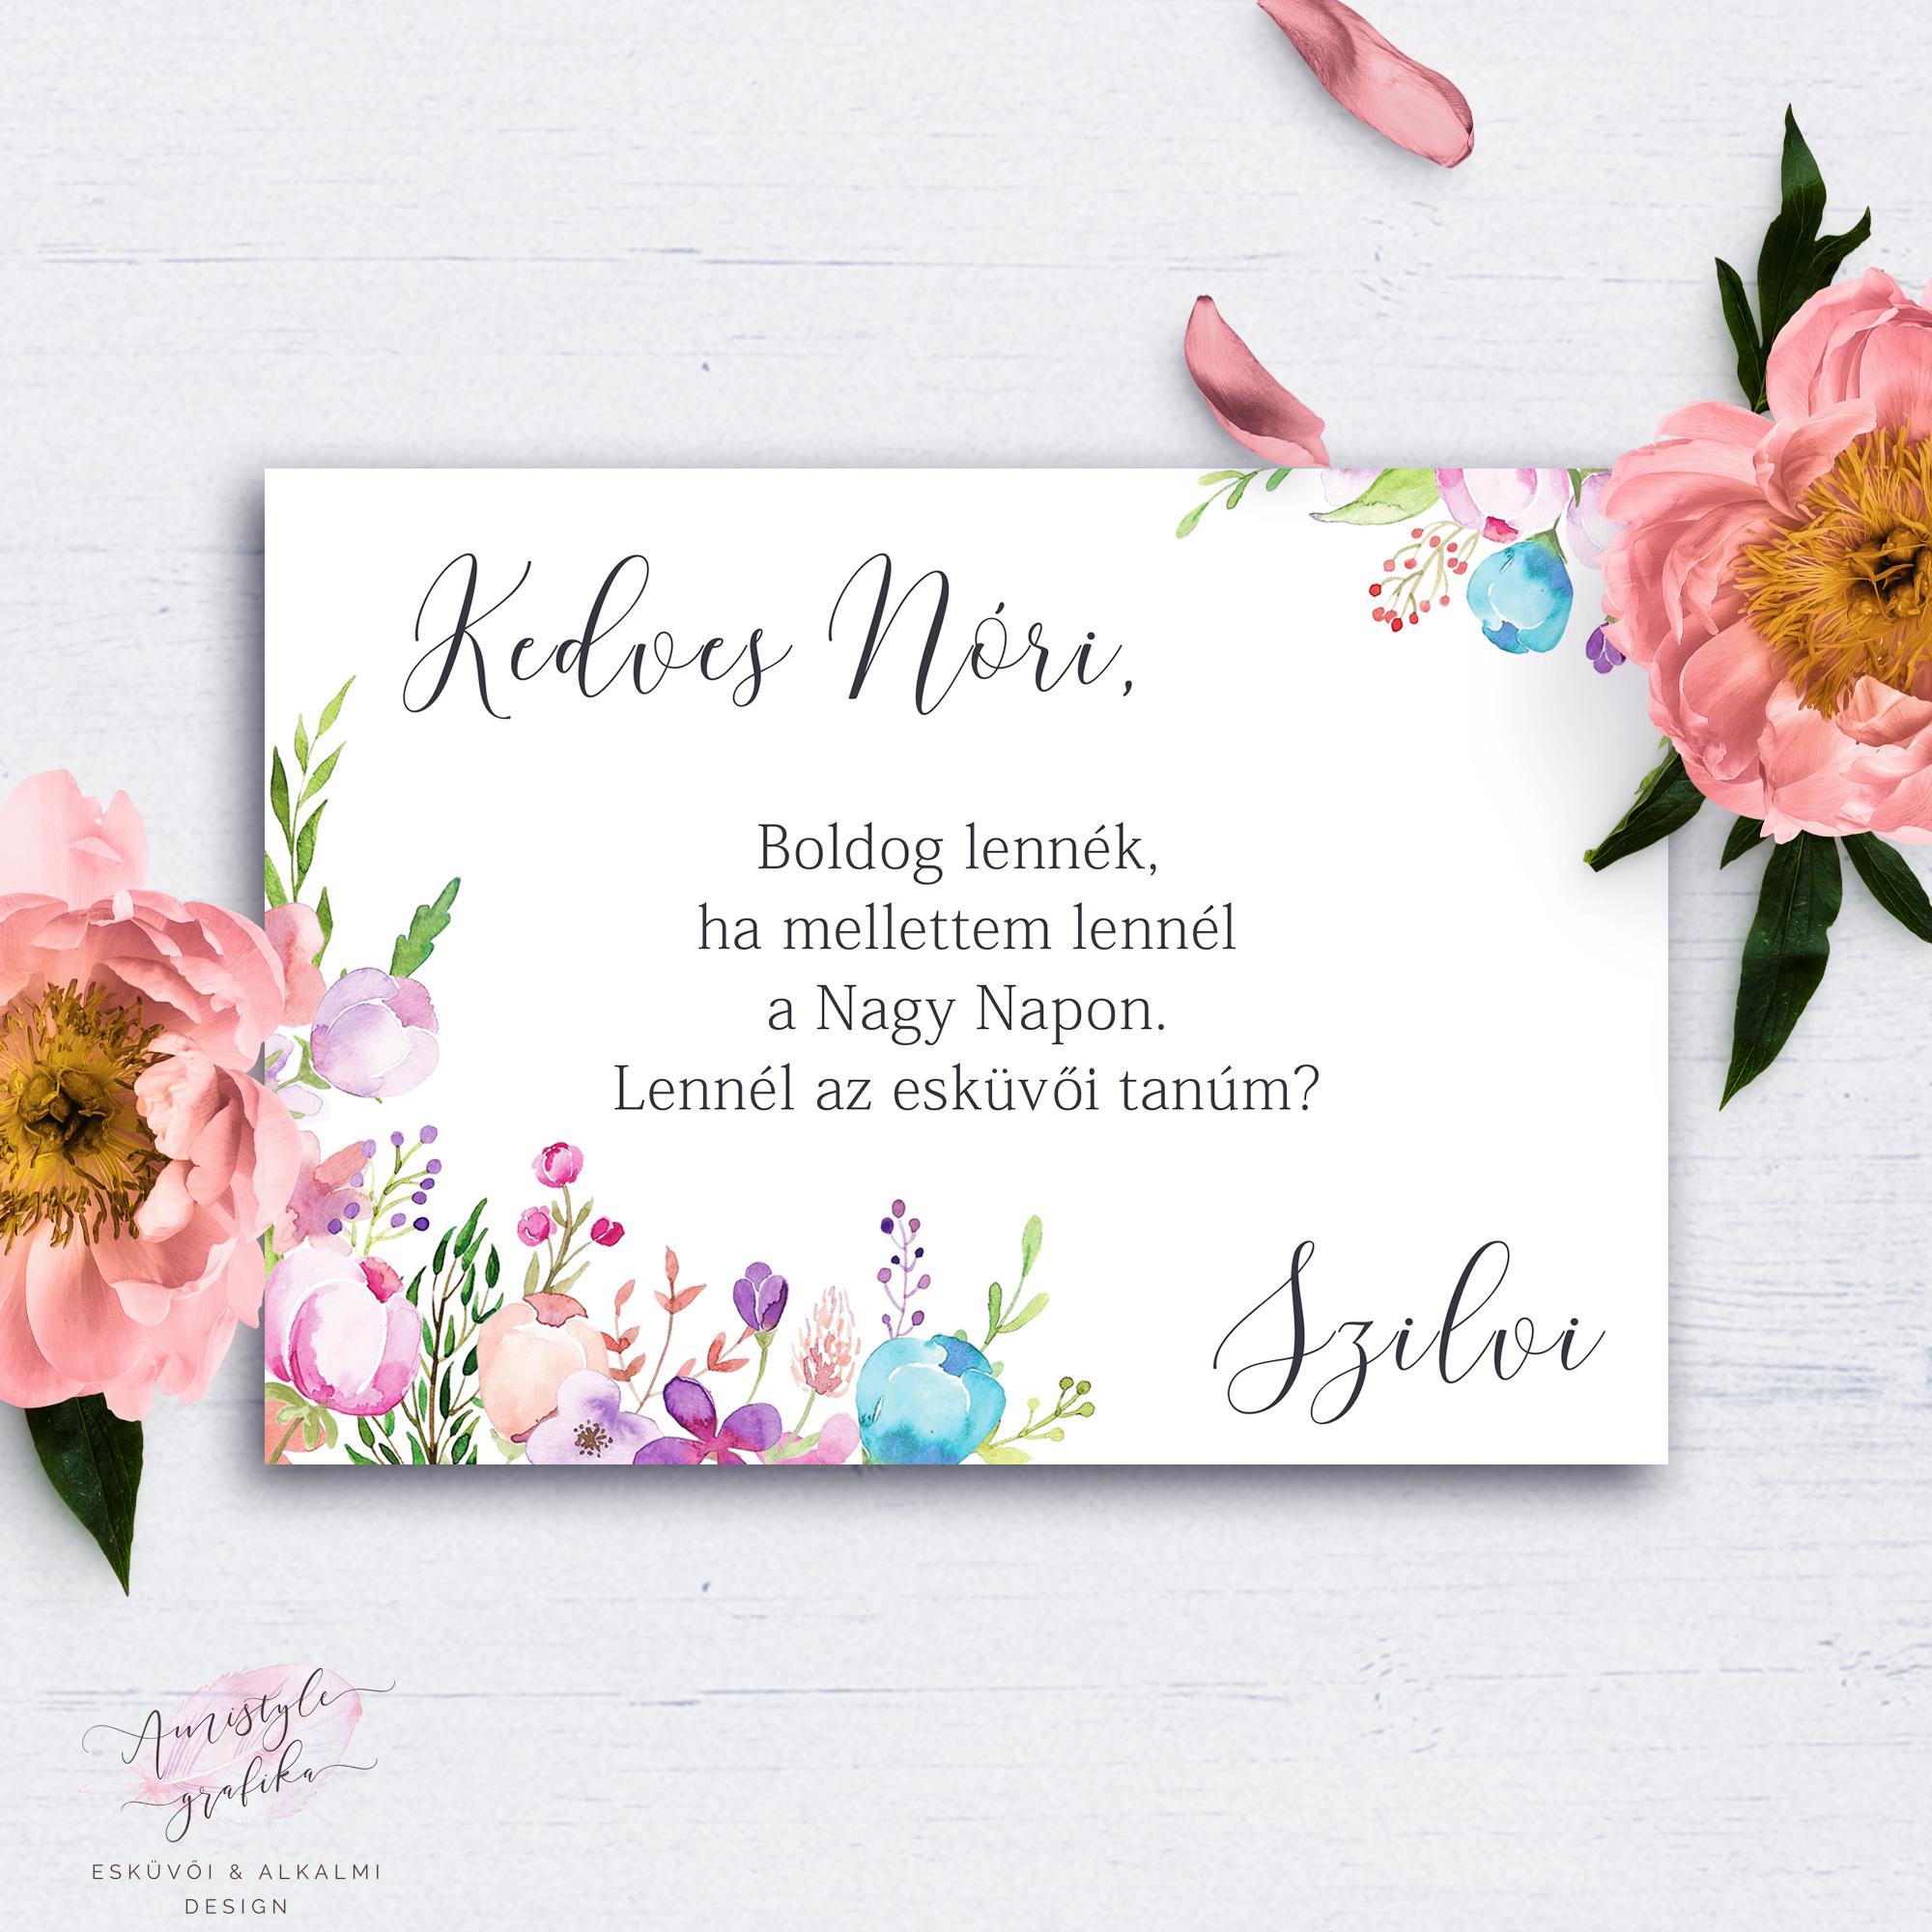 3d220a89d9 Színes Festett Virágos Esküvői Tanú Felkérő Kártya - Esküvői Meghívó,  Alkalmi és Családi Grafika Webáruház